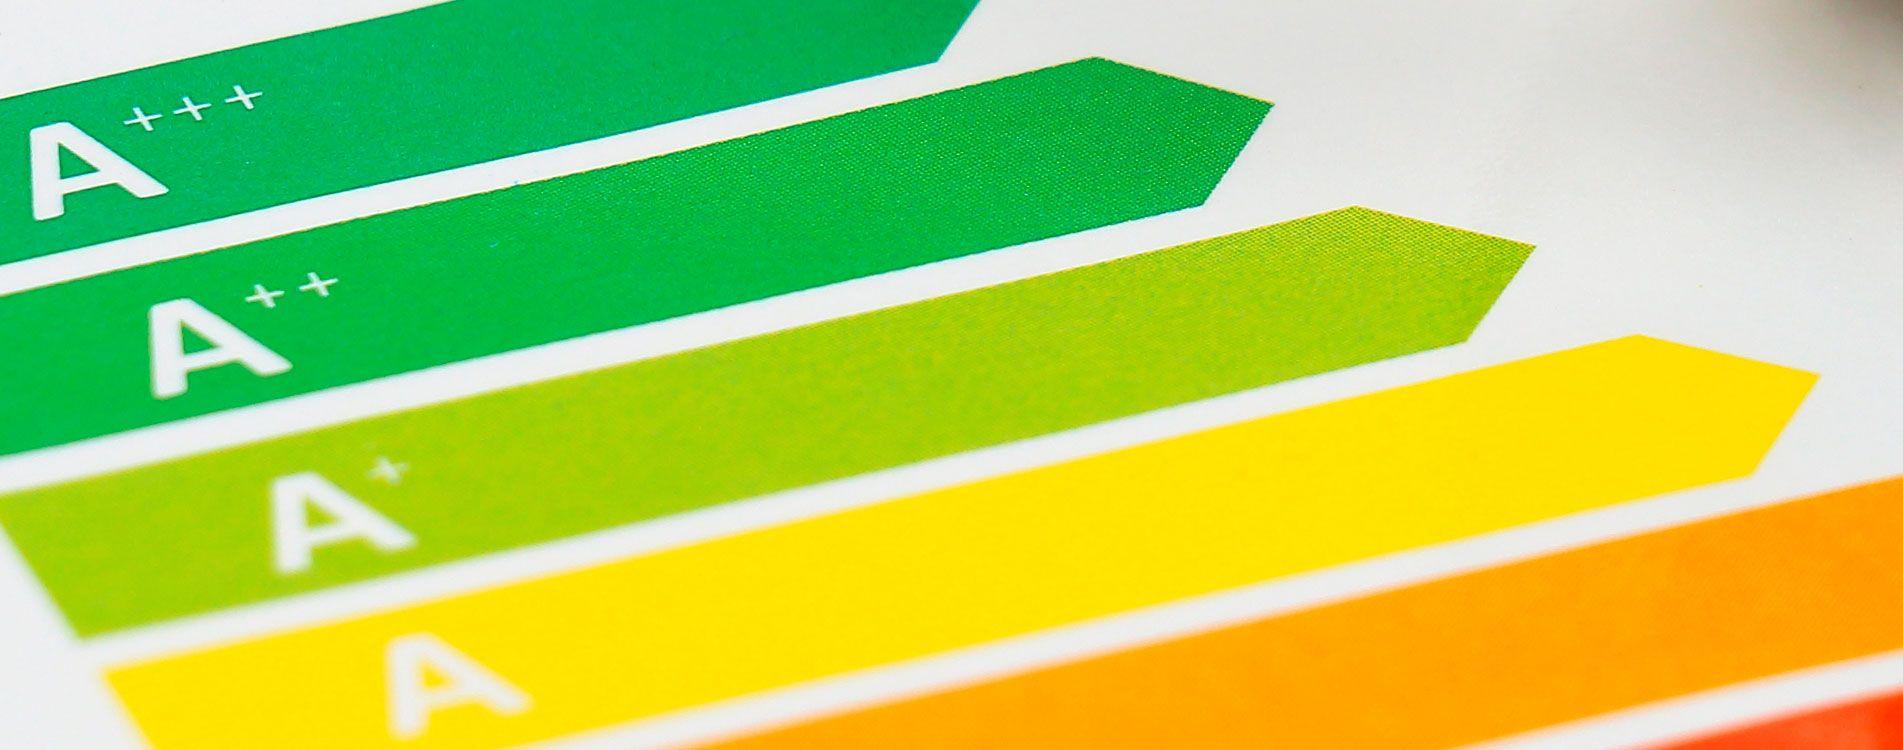 Certificado eficiencia energetica alicante elemar 966 for Oficina consumo alicante